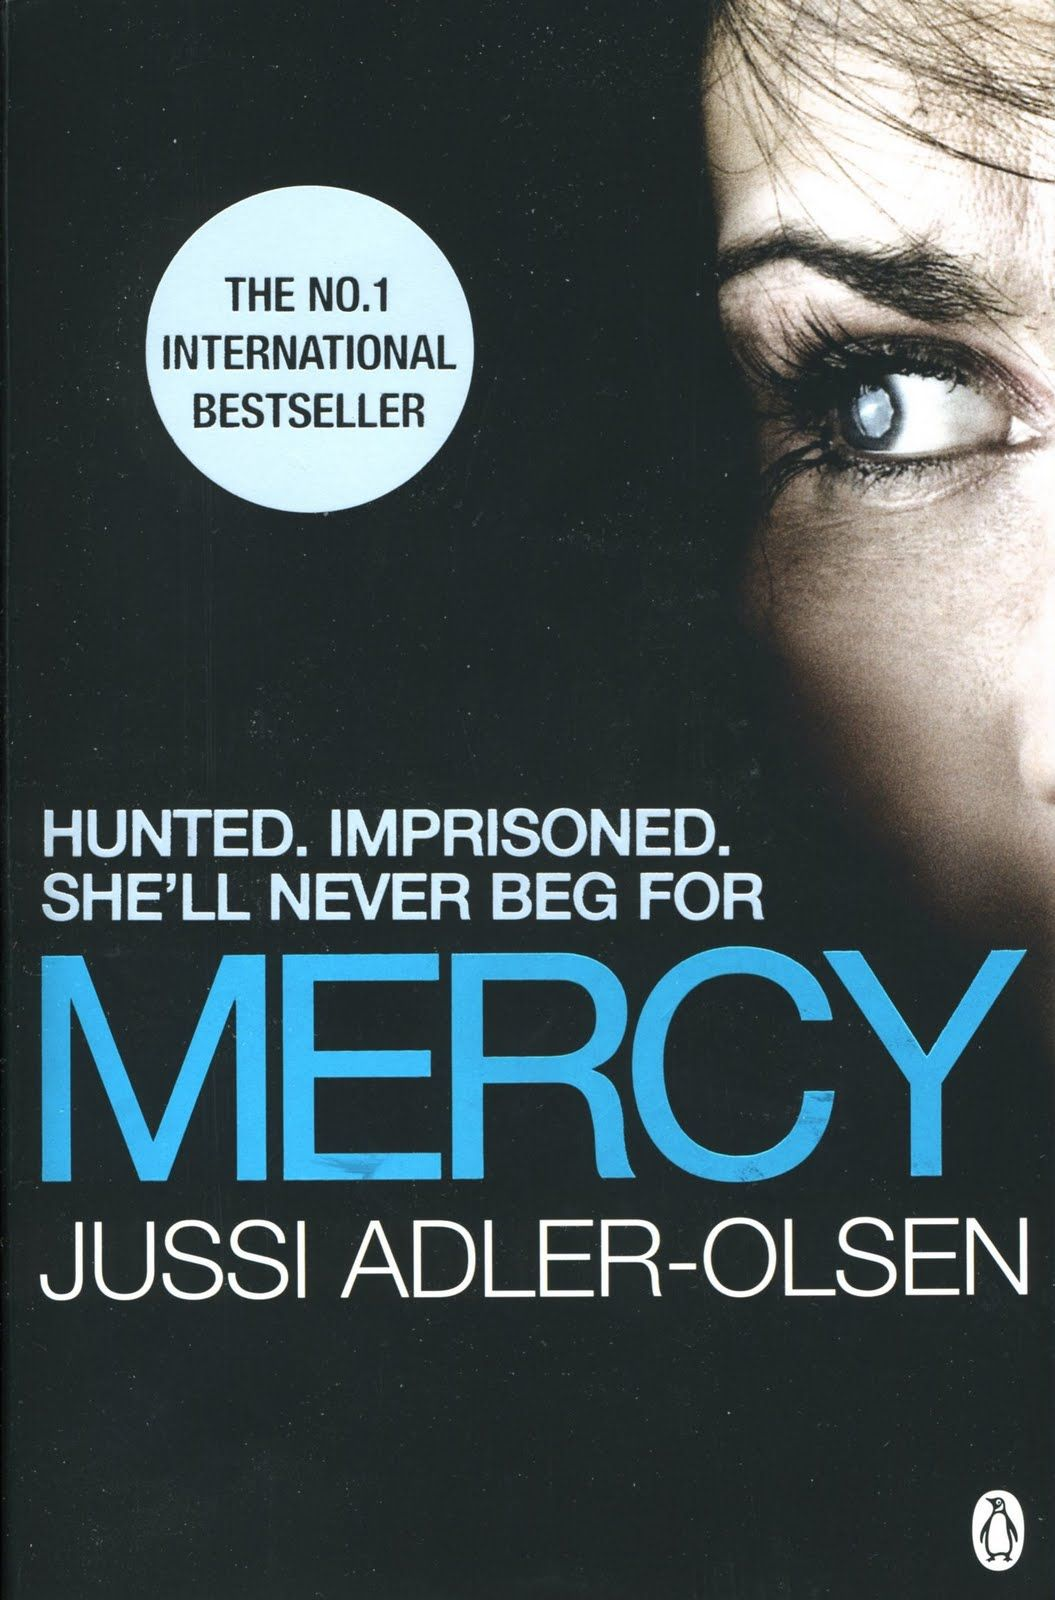 Jussi Adler Olsen Books With Images Adler Books Olsen